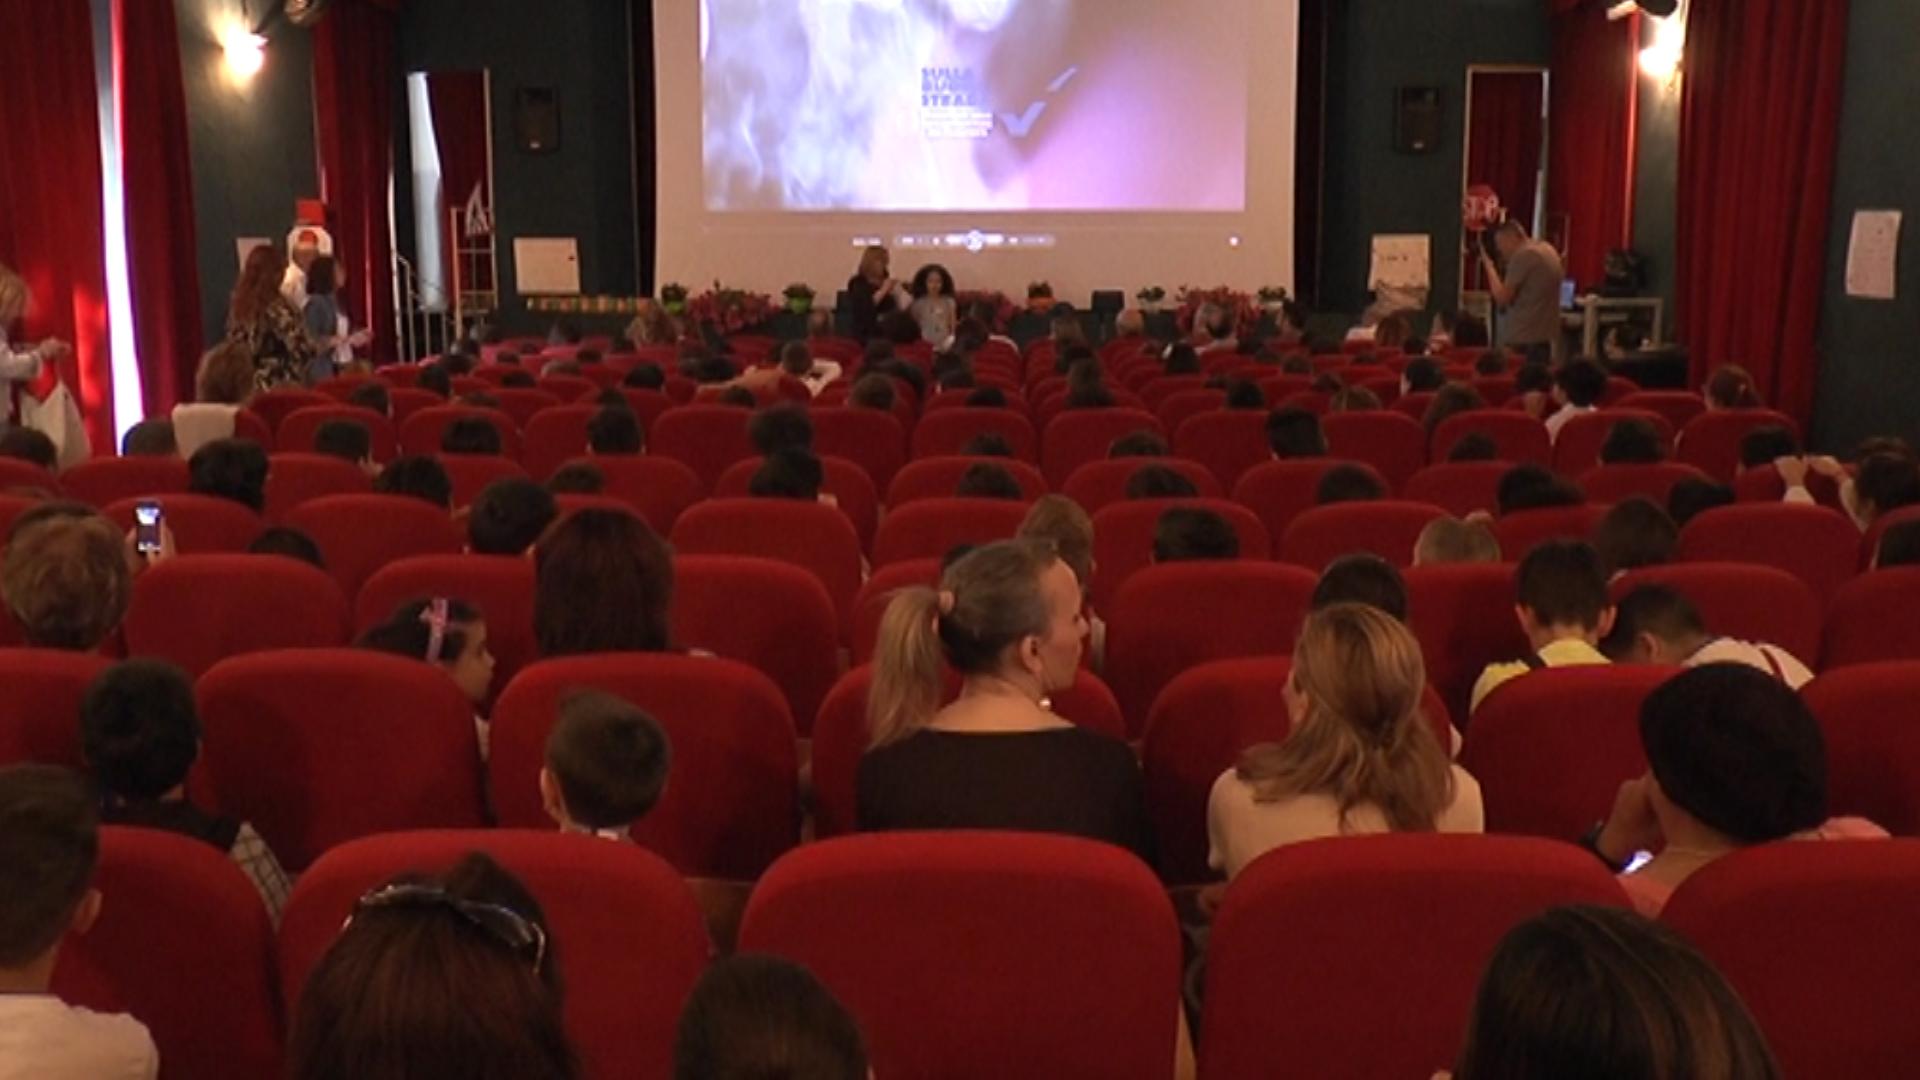 SICUREZZA STRADALE, AL PRIMO CIRCOLO LA PROIEZIONE DEL SOCIAL MOVIE 'STRADE DA AMARE. LA SCELTA GIUSTA'. GUARDA IL VIDEO